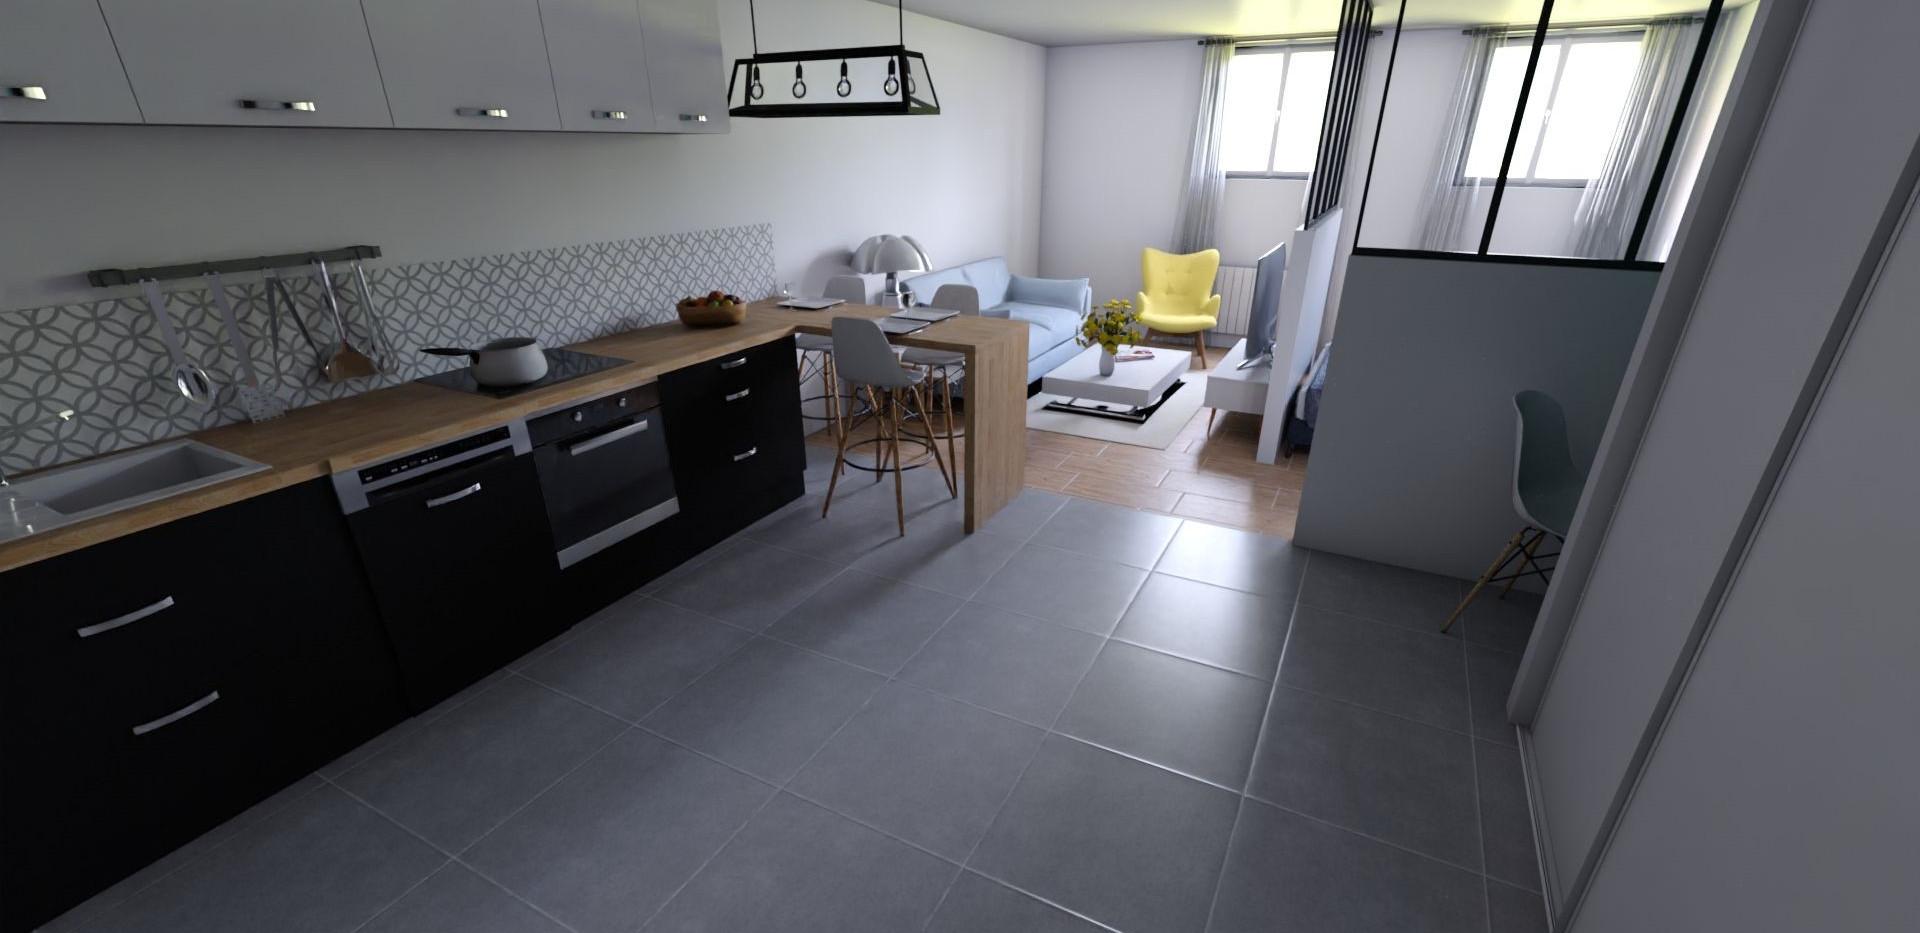 Vue 3D de l'appartement, réalisée par l'Atelier De Nath